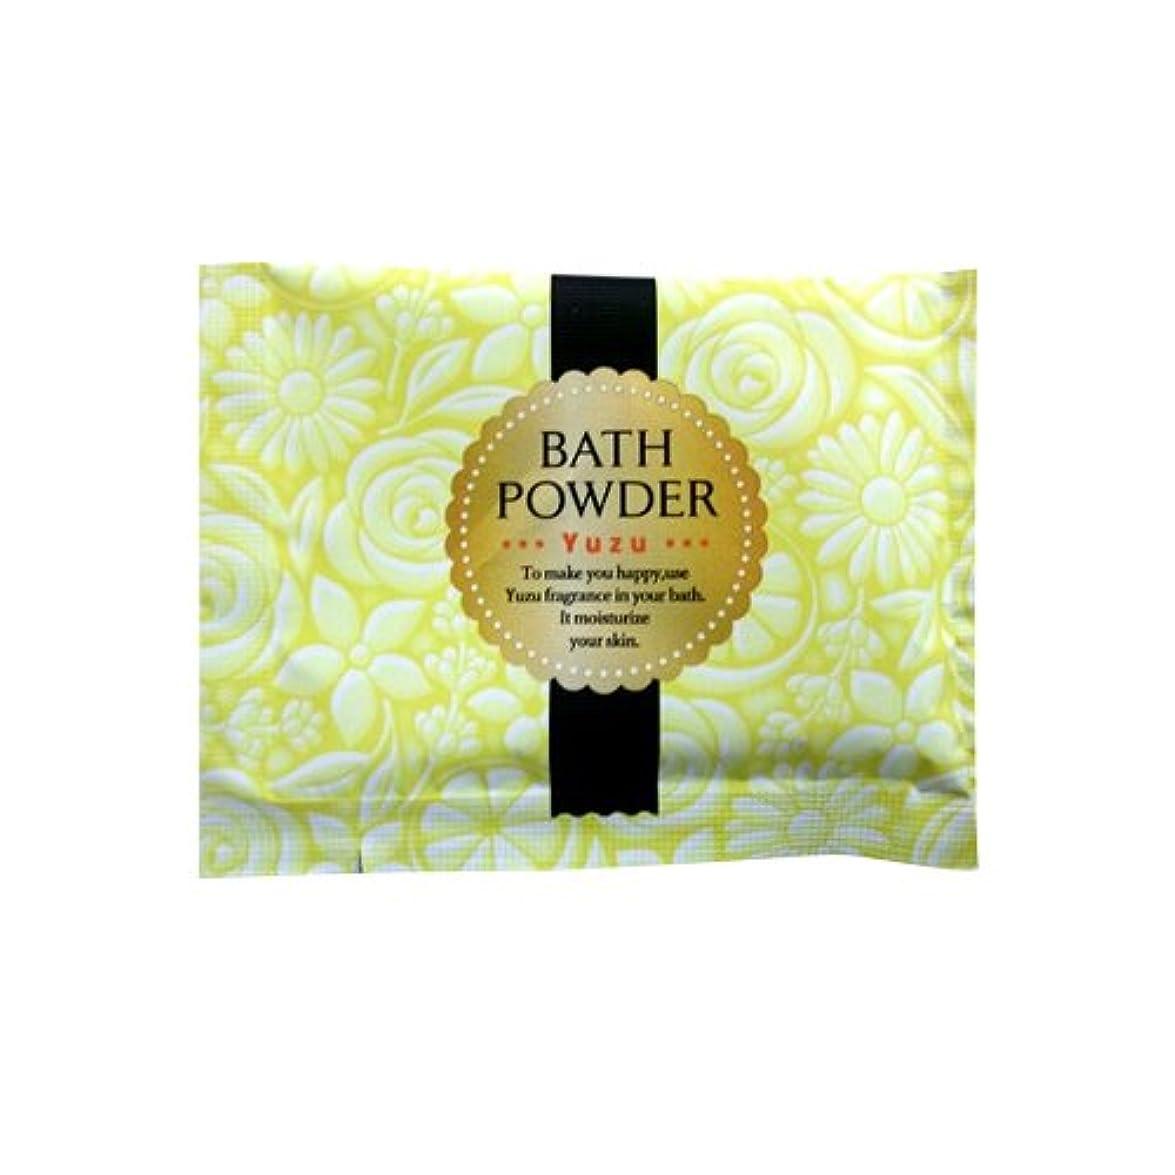 発疹技術やりすぎ入浴剤 LUCKY BATH (ラッキーバス) 25g ユズの香り